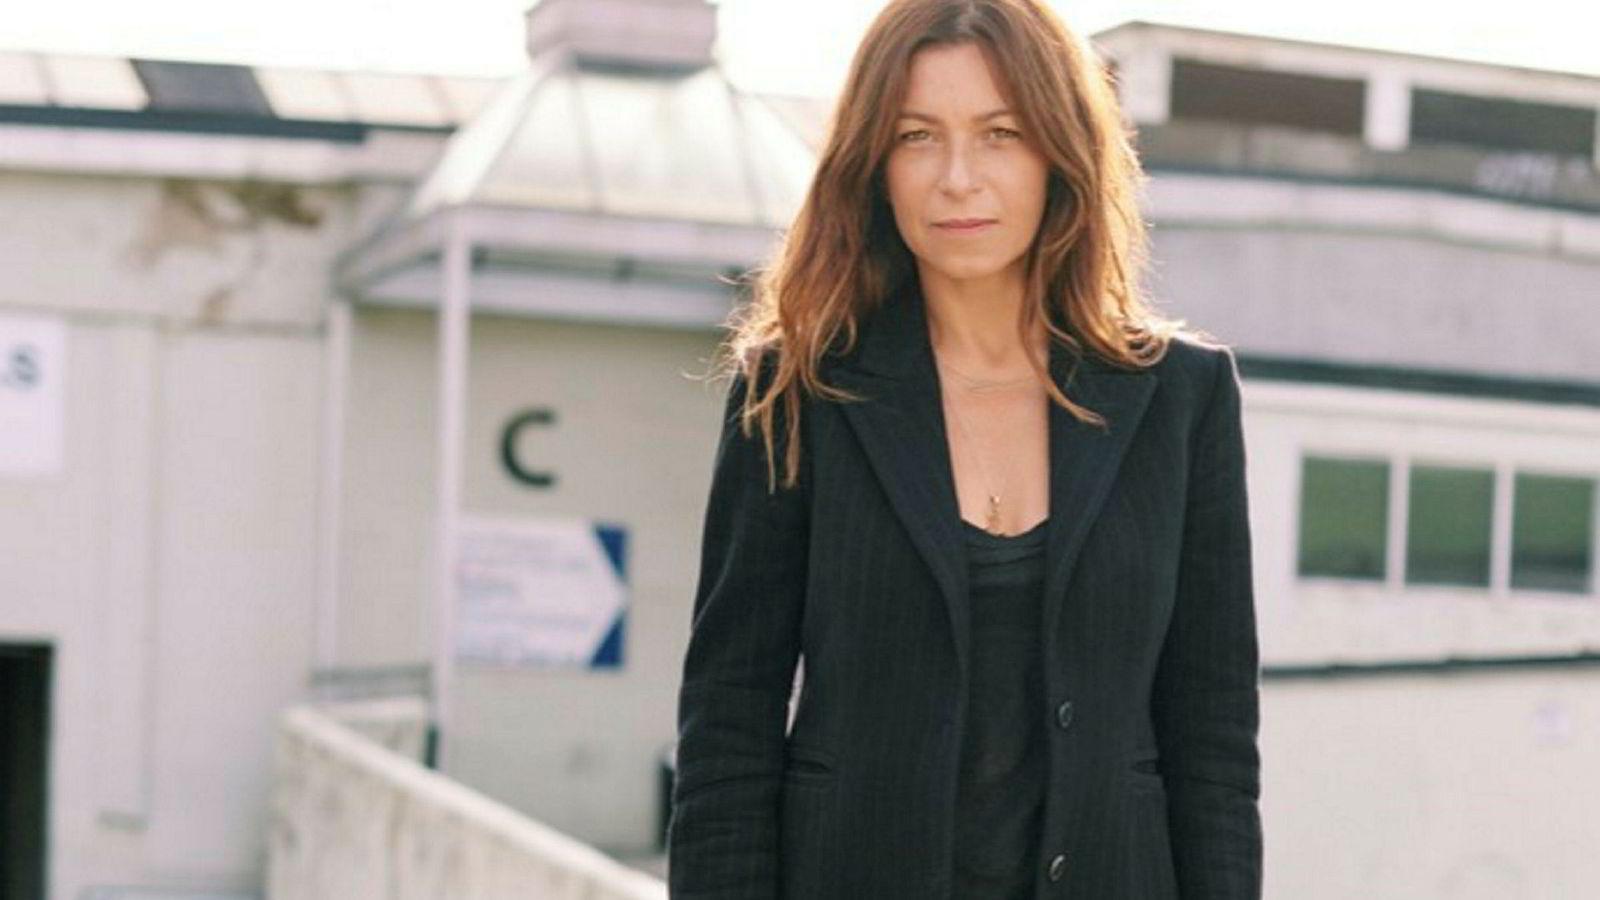 Petra Middelthon blir ny sjefredaktør i Elle. Hun tar over etter Signy Fardal, som satt i sjefsstolen i 20 år.